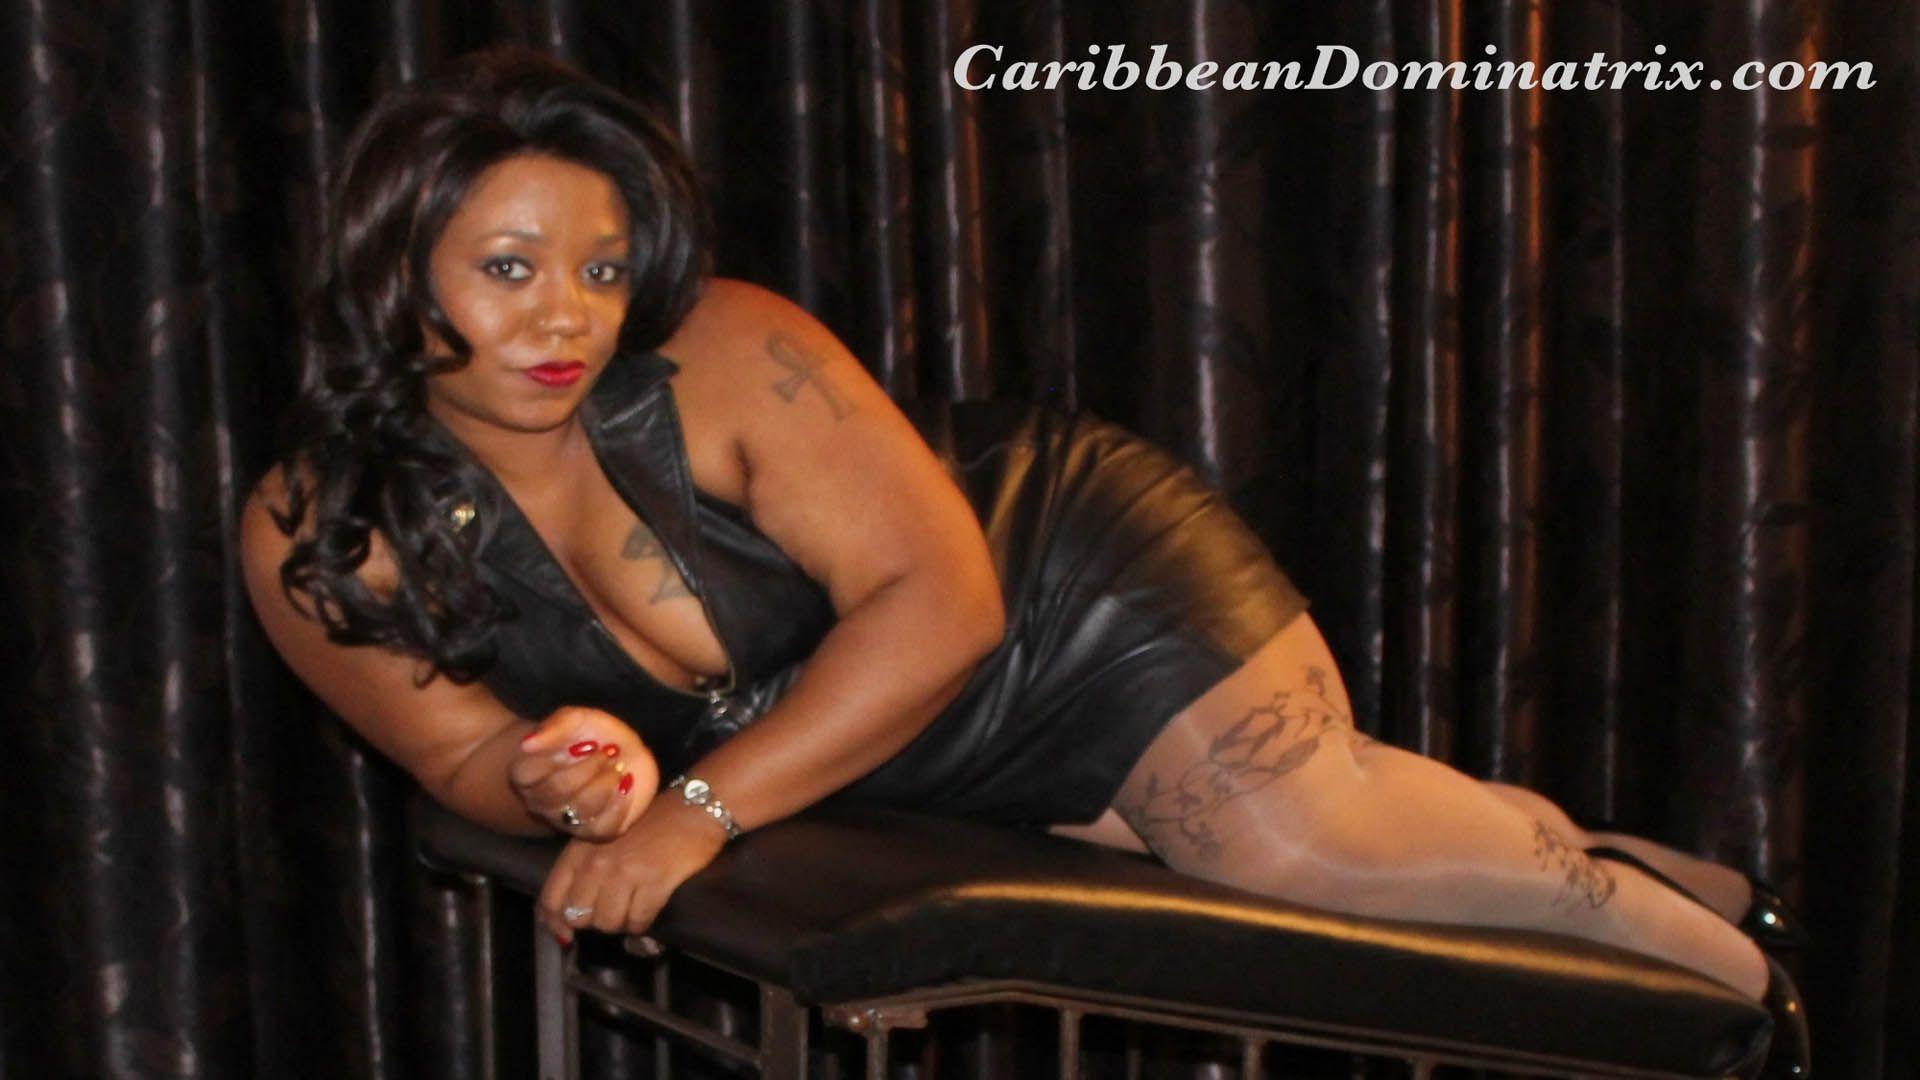 find a dominatrix